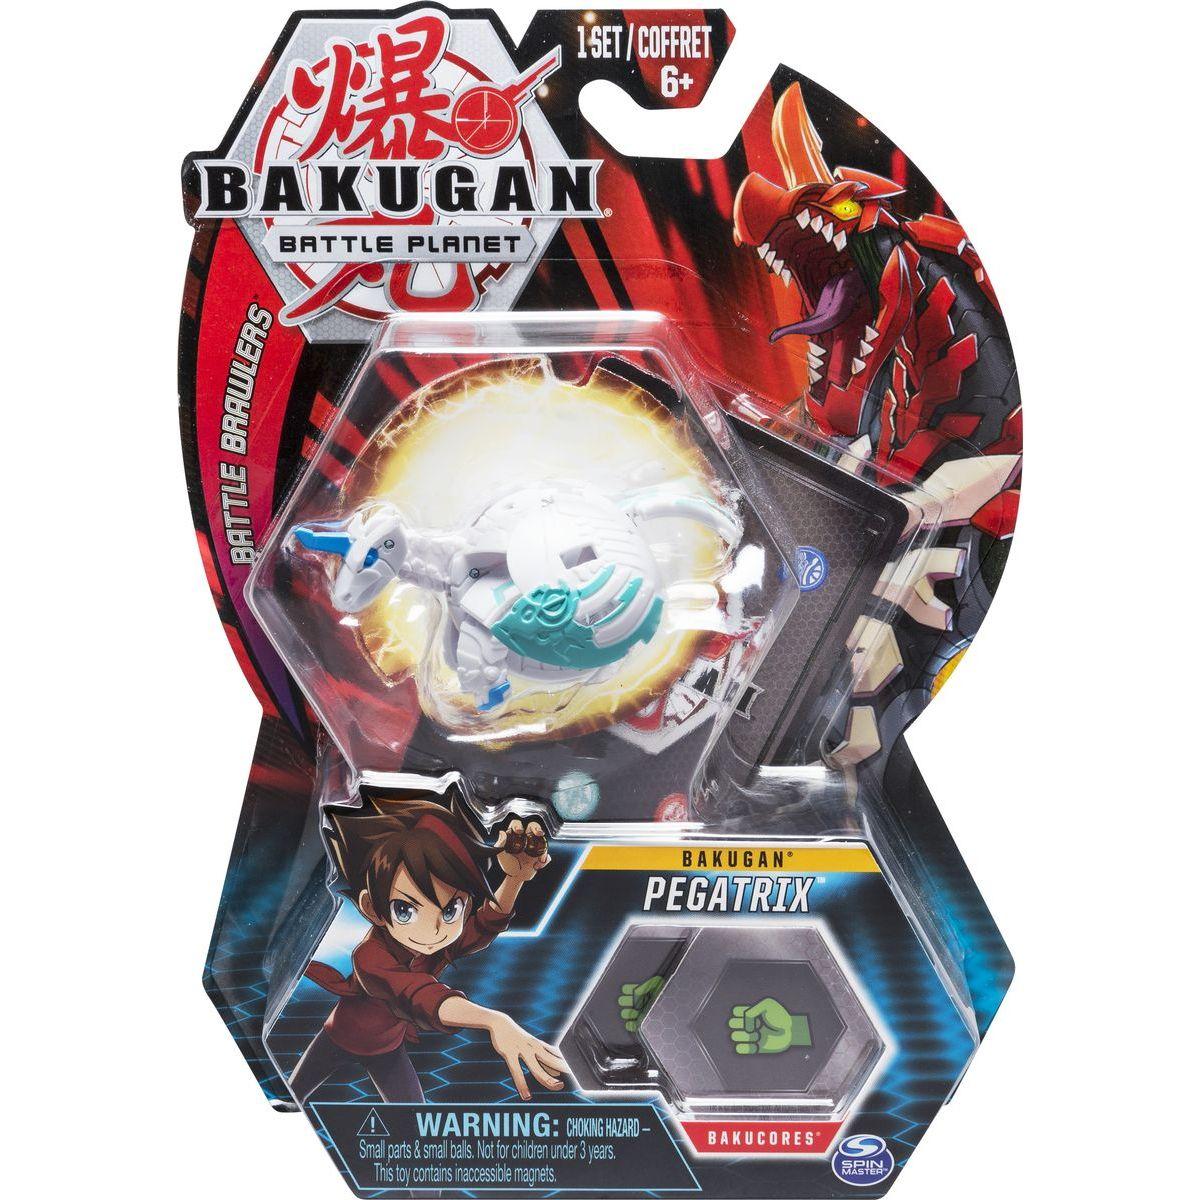 Bakugan základní balení Pegatrix